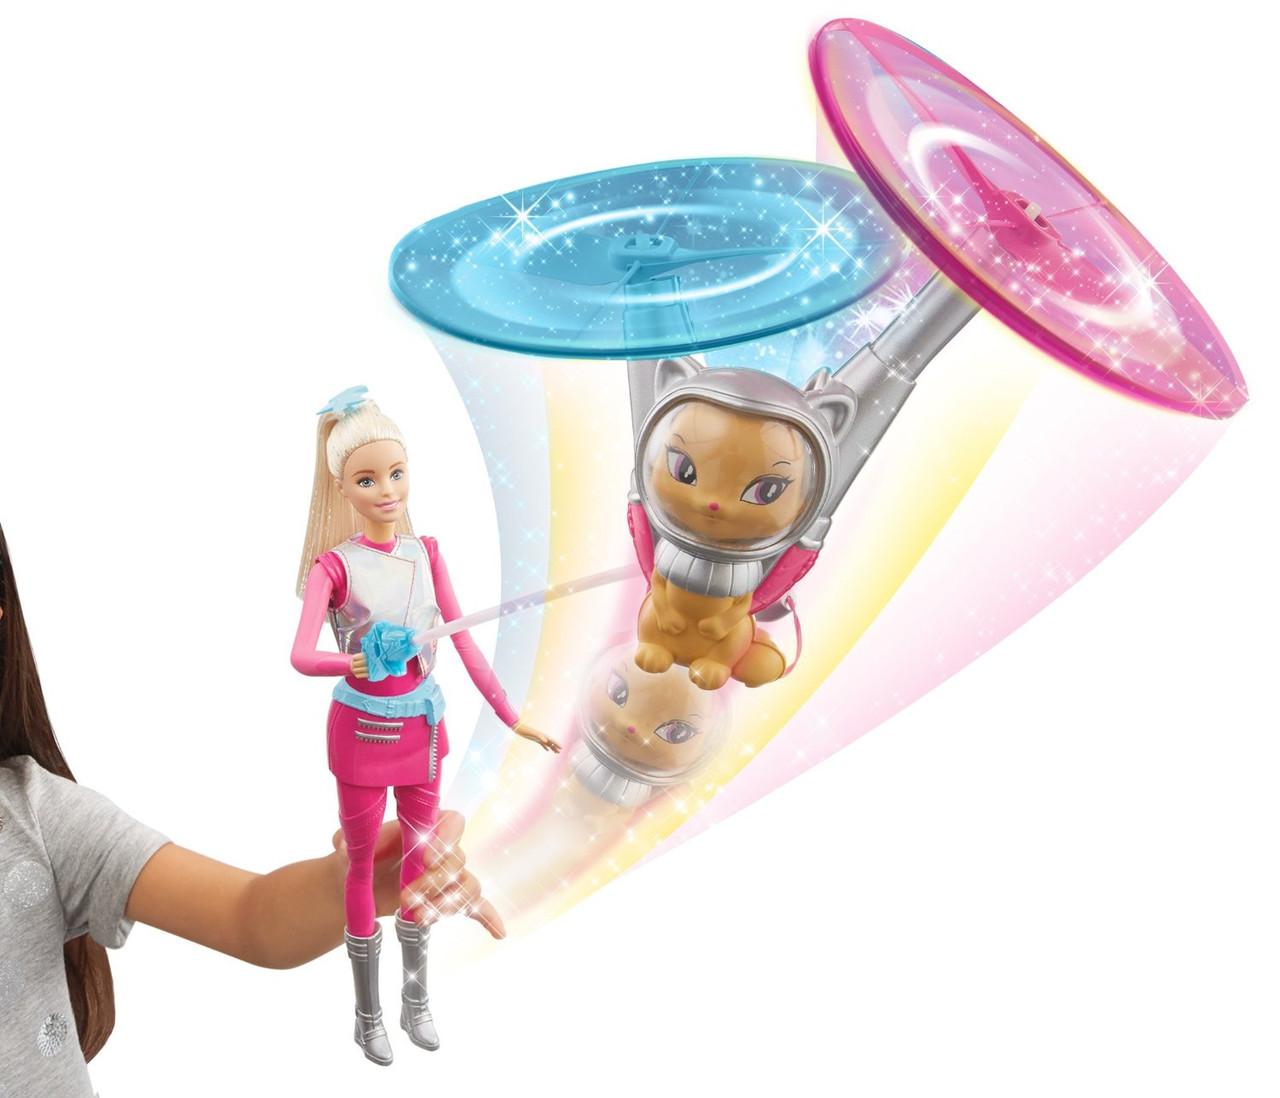 Кукла Барби с летающим космическим котиком Приключение Звездного Света Barbie Star Light Galaxy Barbie Doll